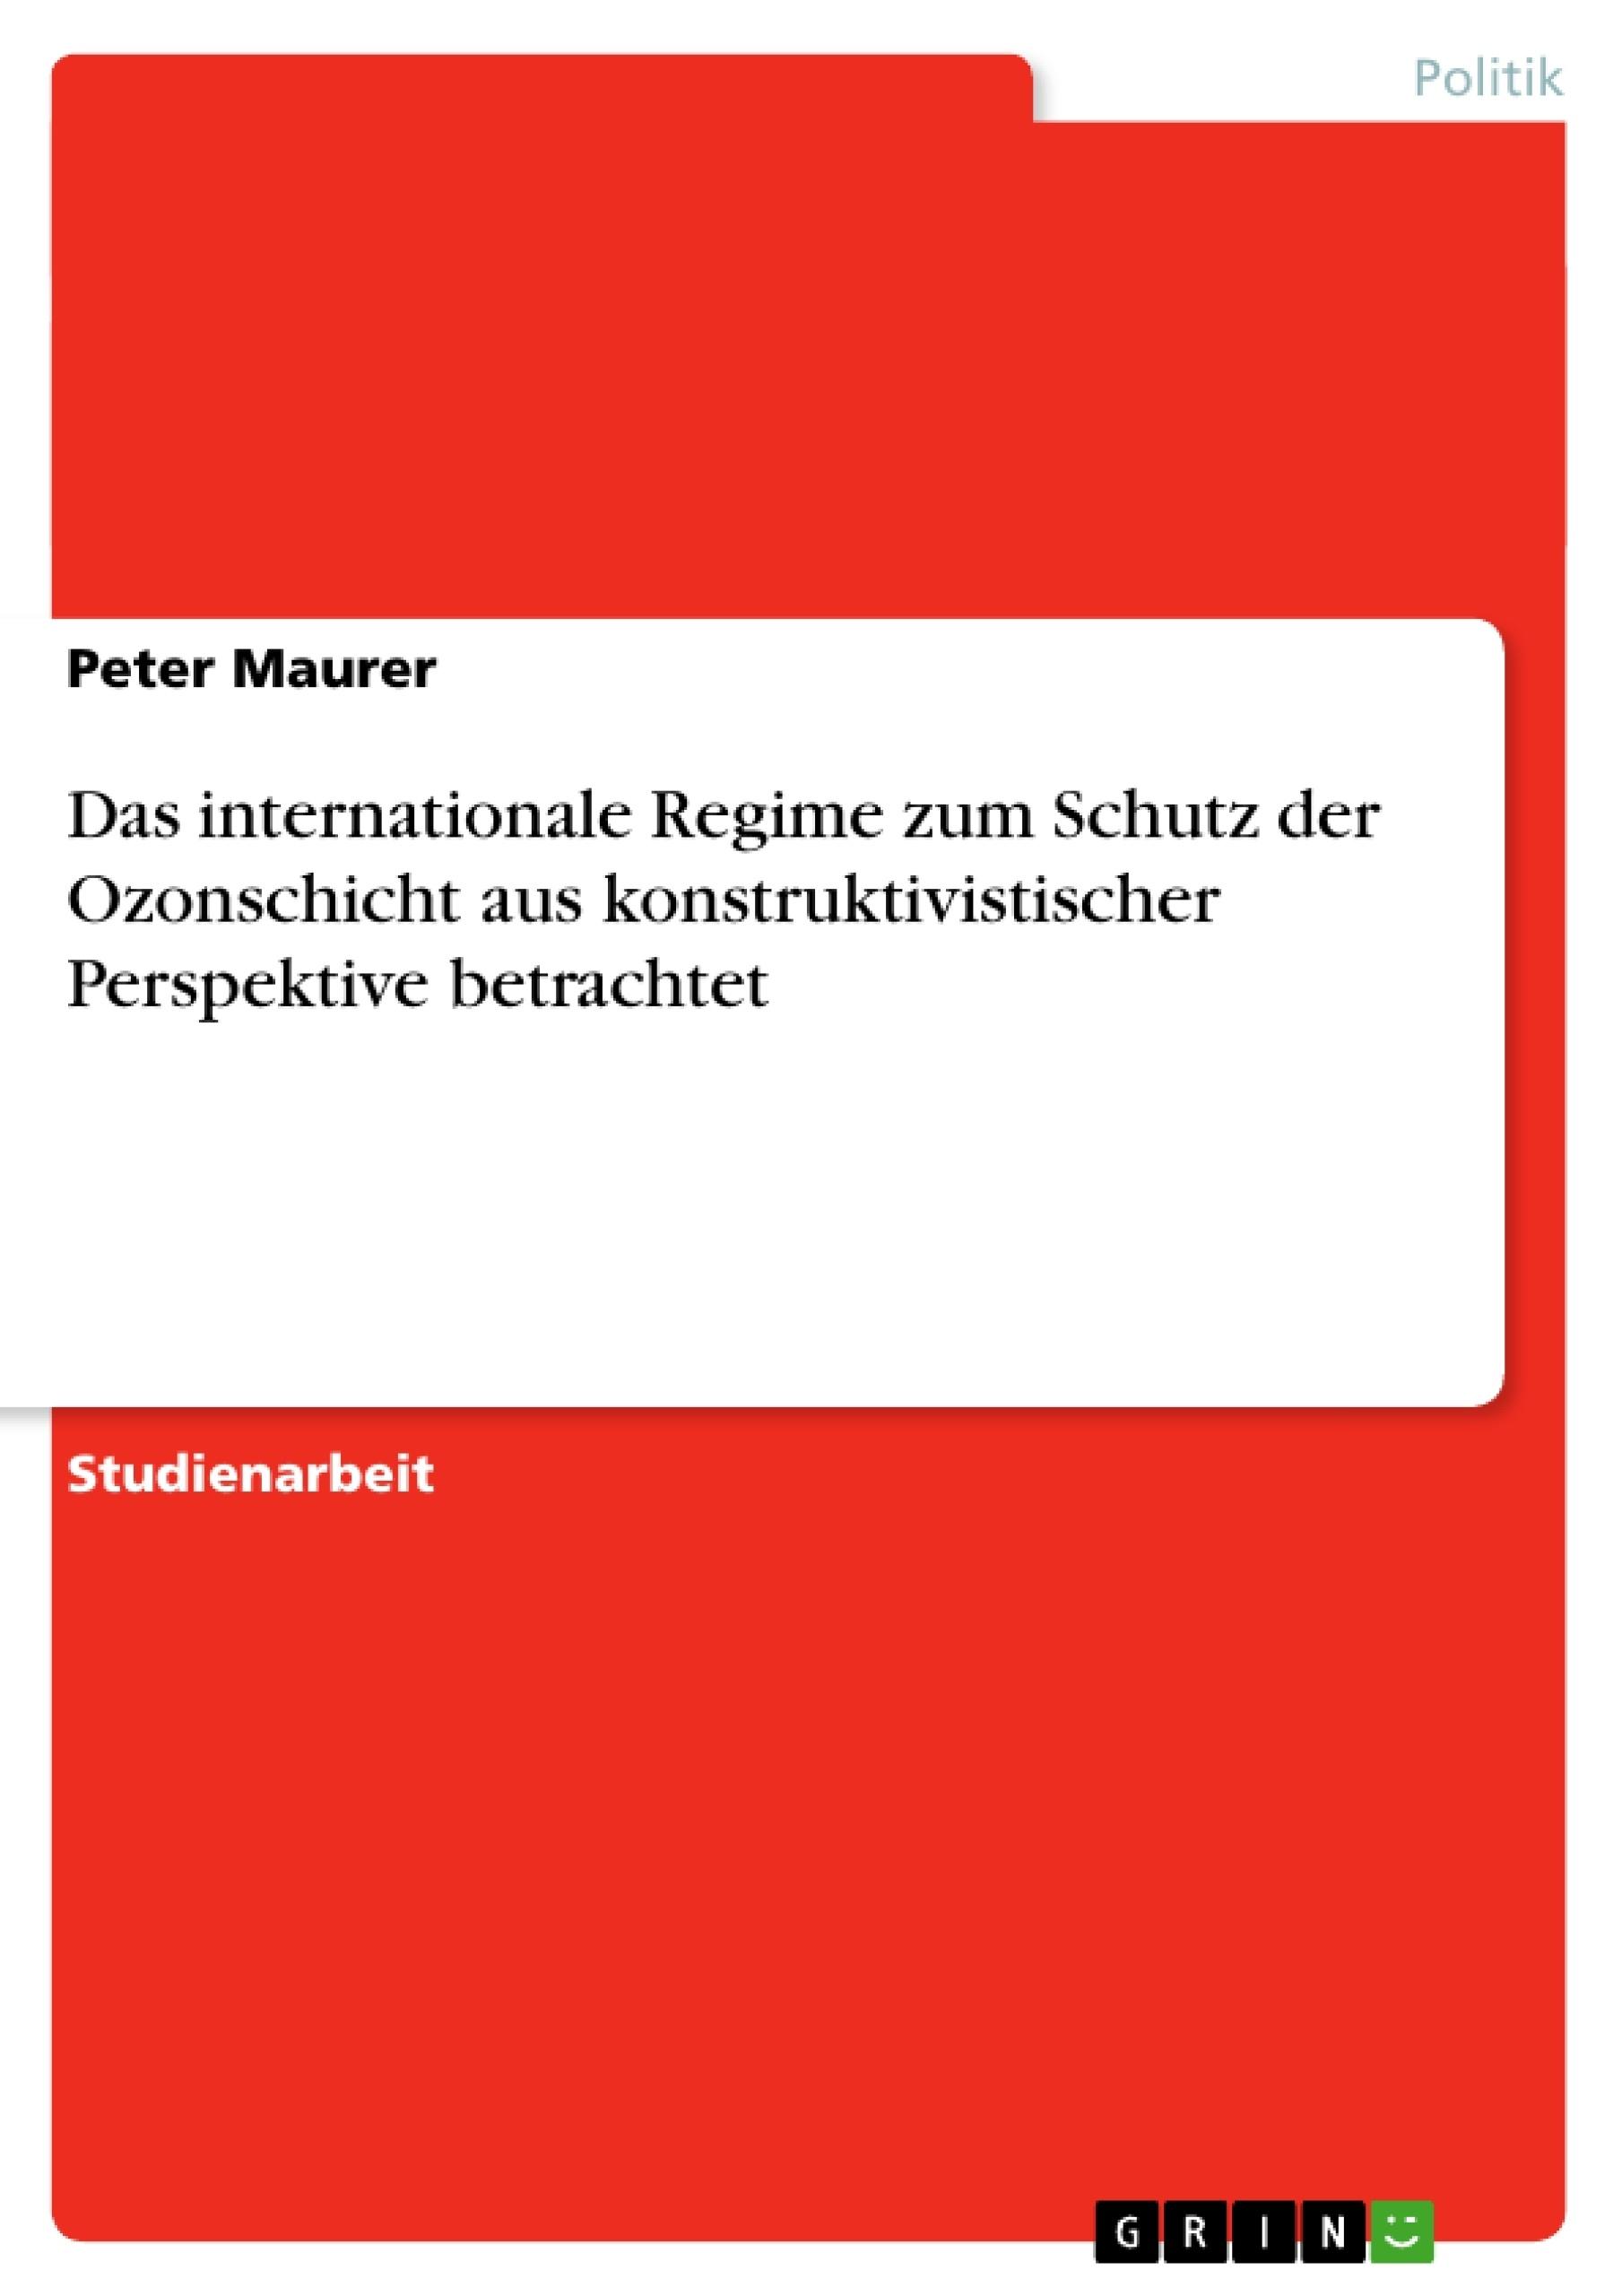 Titel: Das internationale Regime zum Schutz der Ozonschicht aus konstruktivistischer Perspektive betrachtet